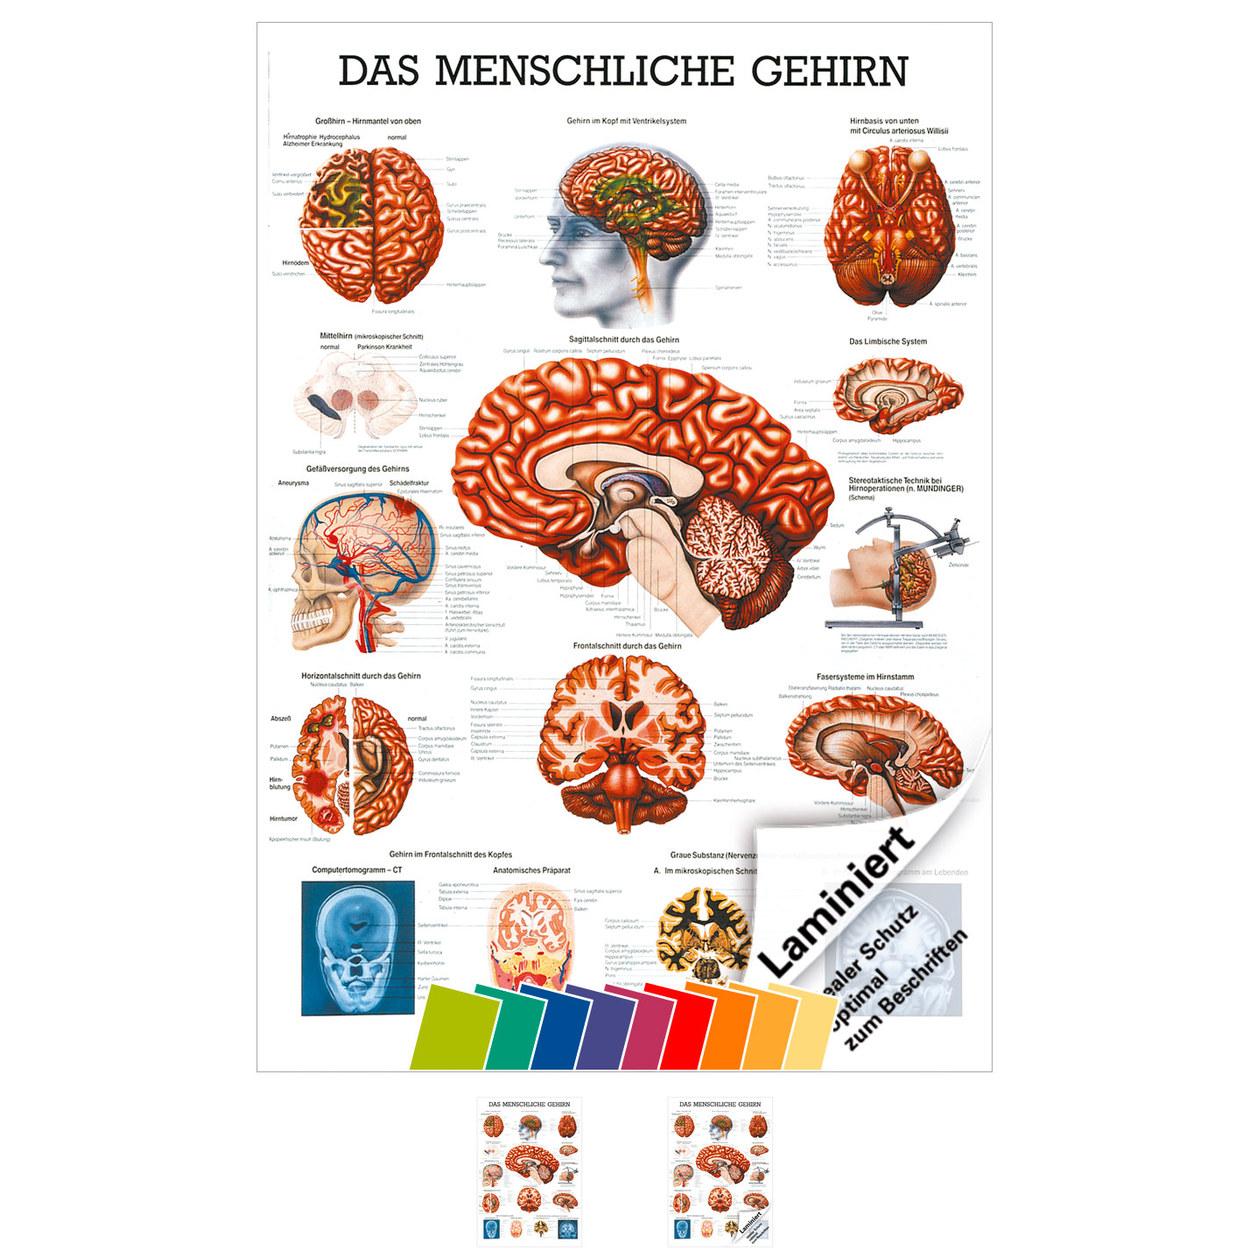 Groß Das Menschliche Gehirn Gekennzeichnet Fotos - Menschliche ...